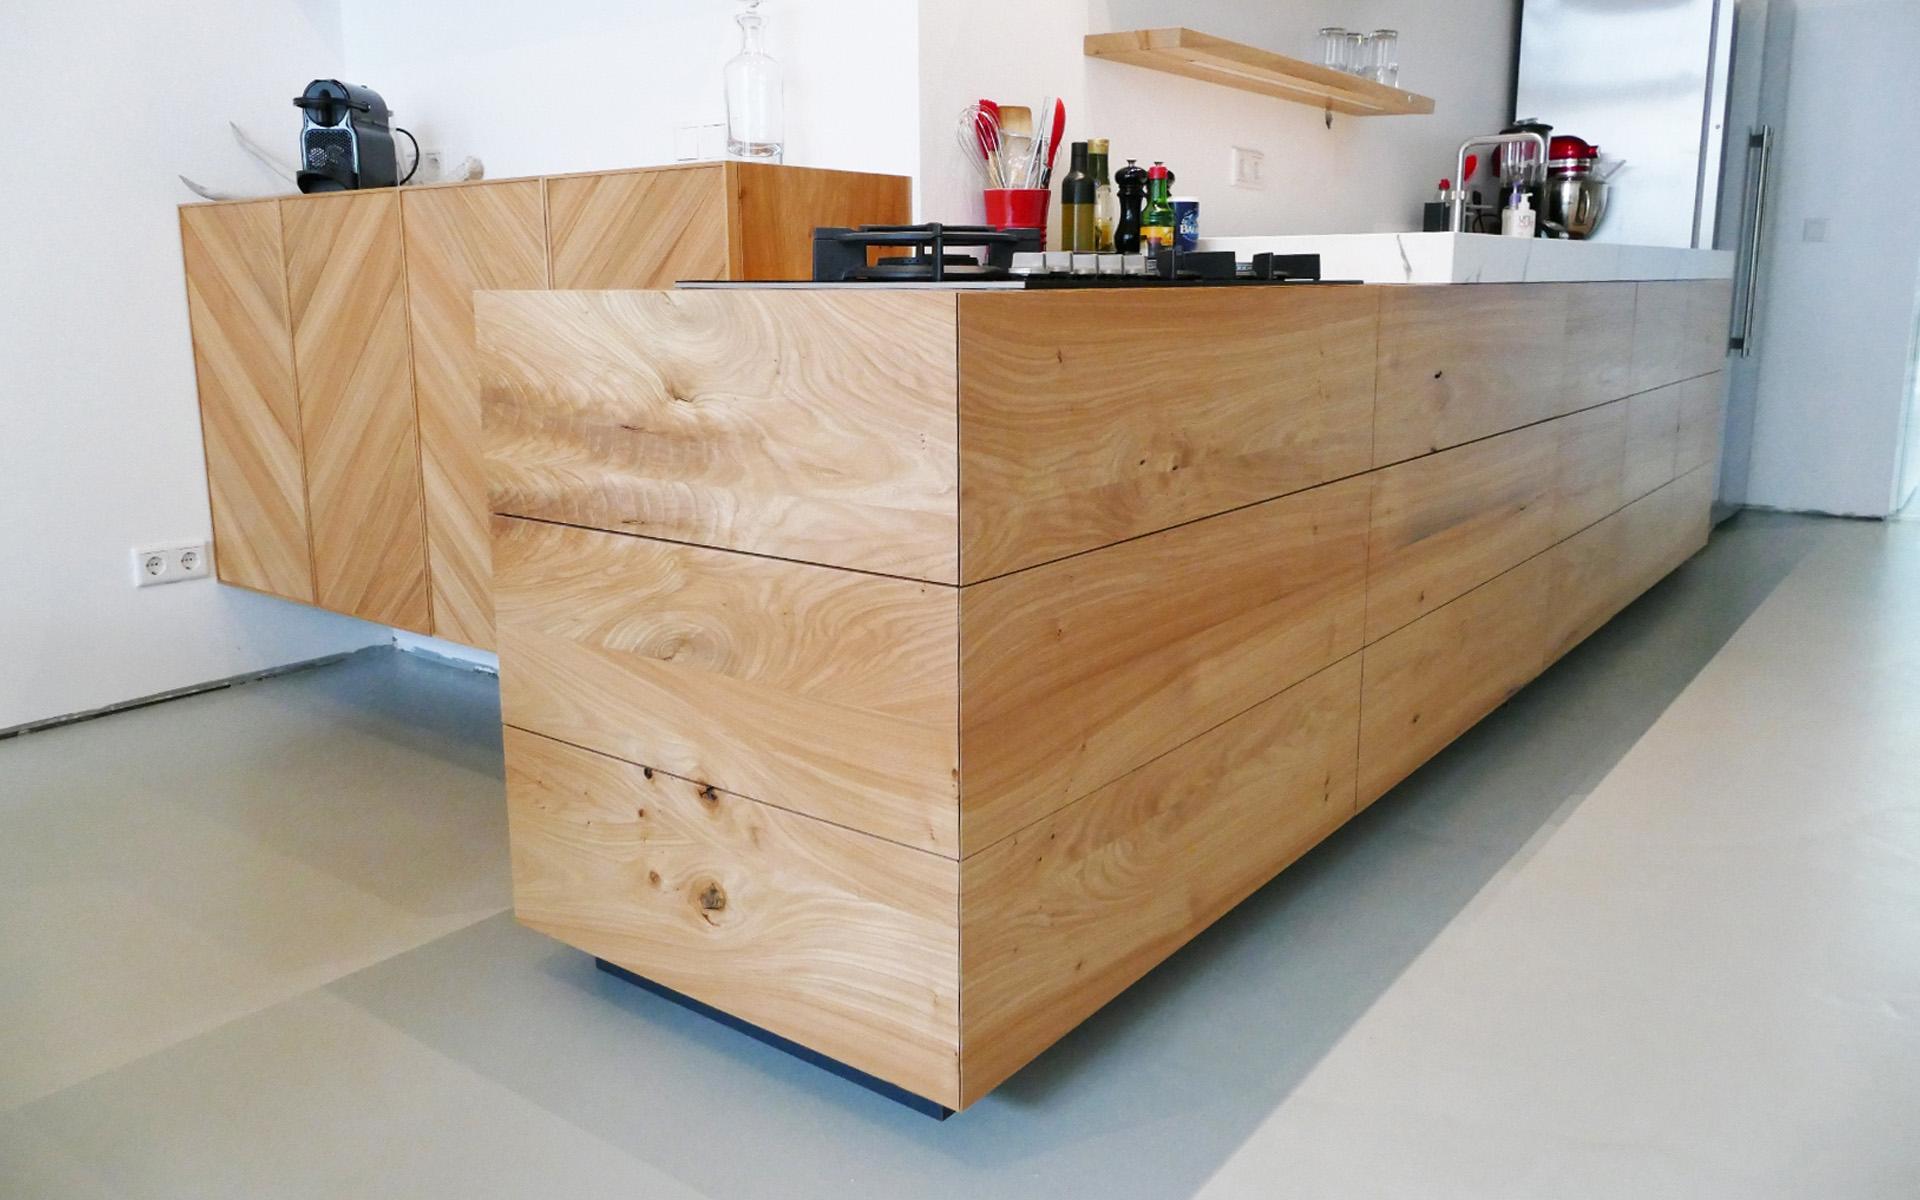 Iepenhouten keuken te breda studio sool - Meubels studio keuken ...